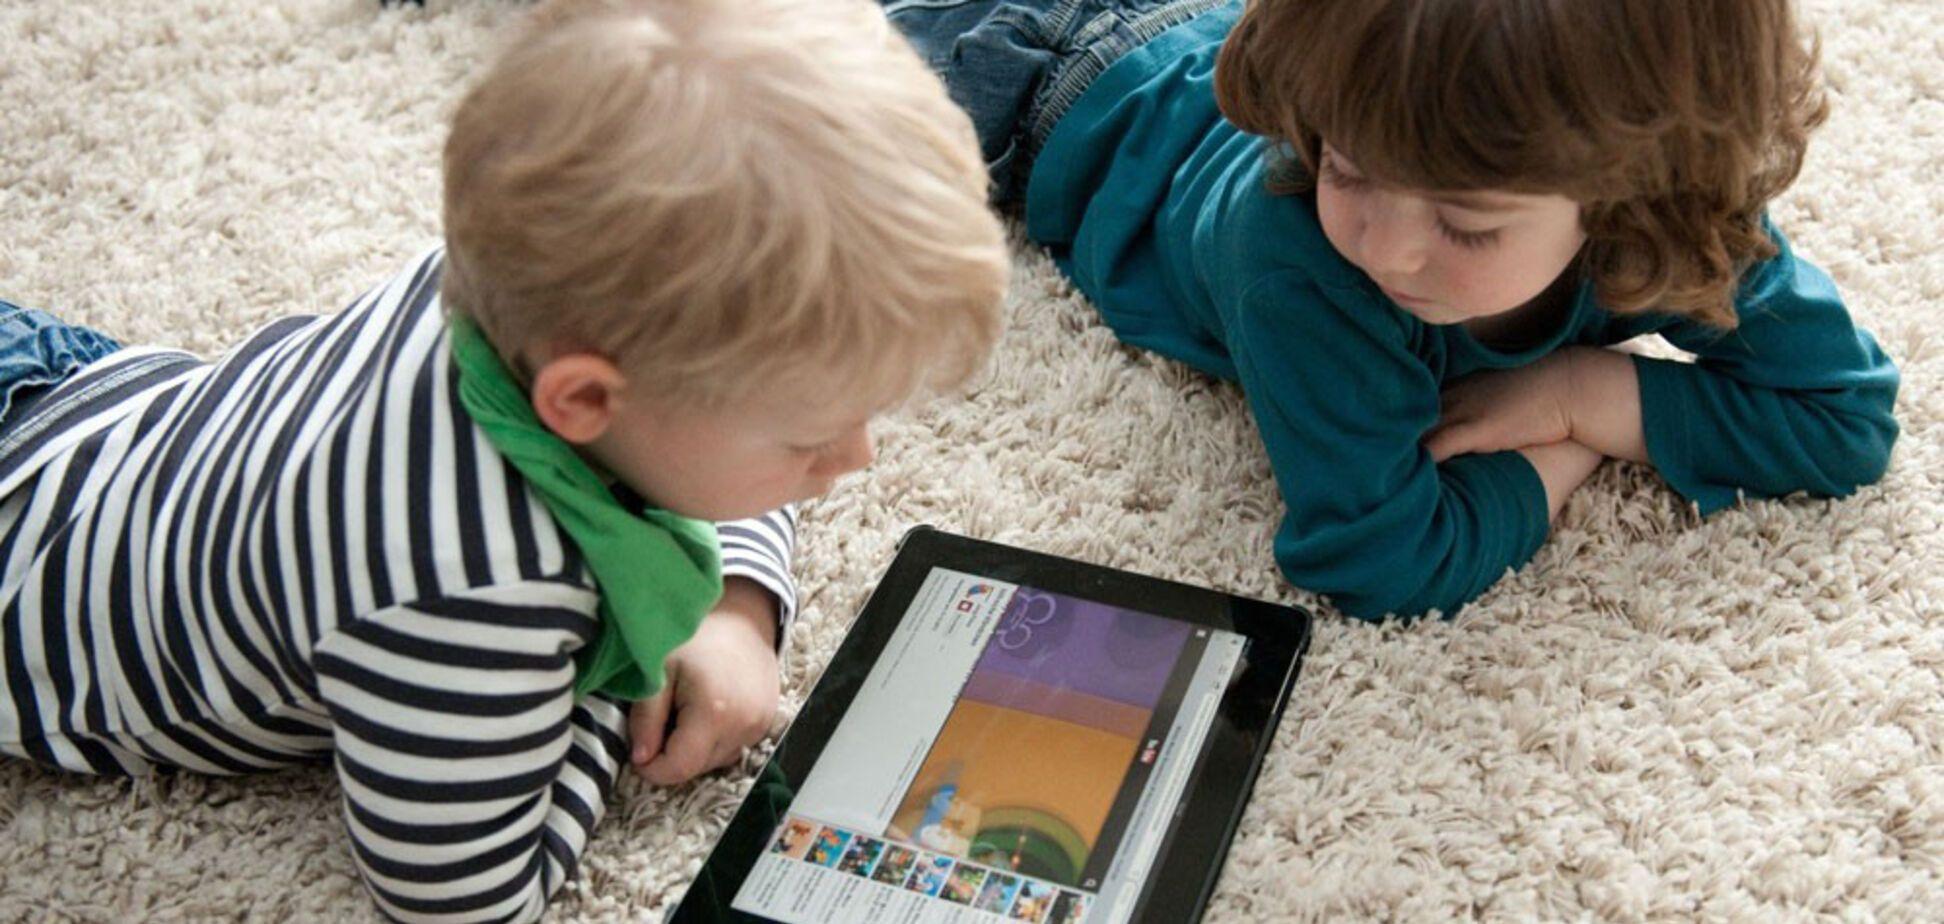 Дети и гаджеты – правила безопасного 'общения'